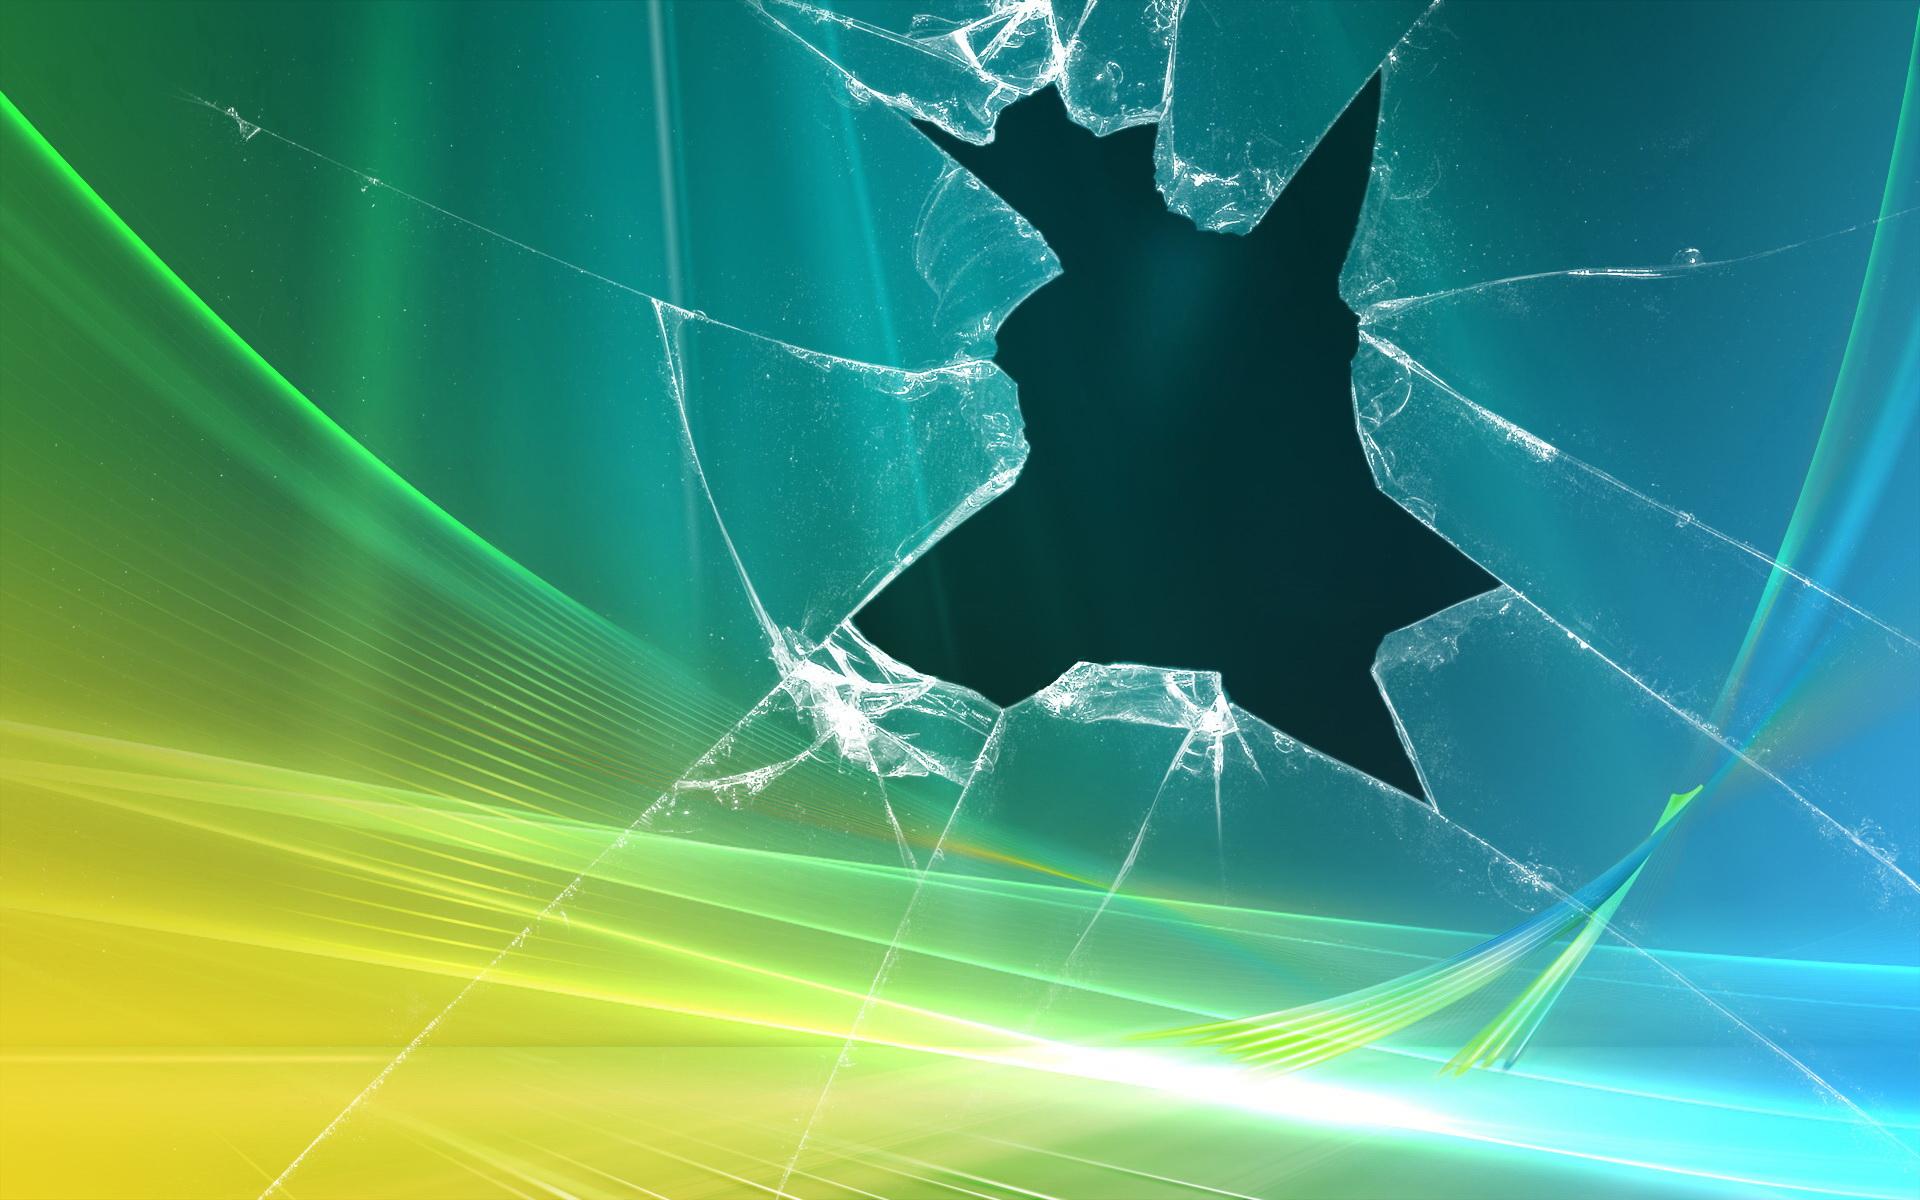 3D Broken Glass